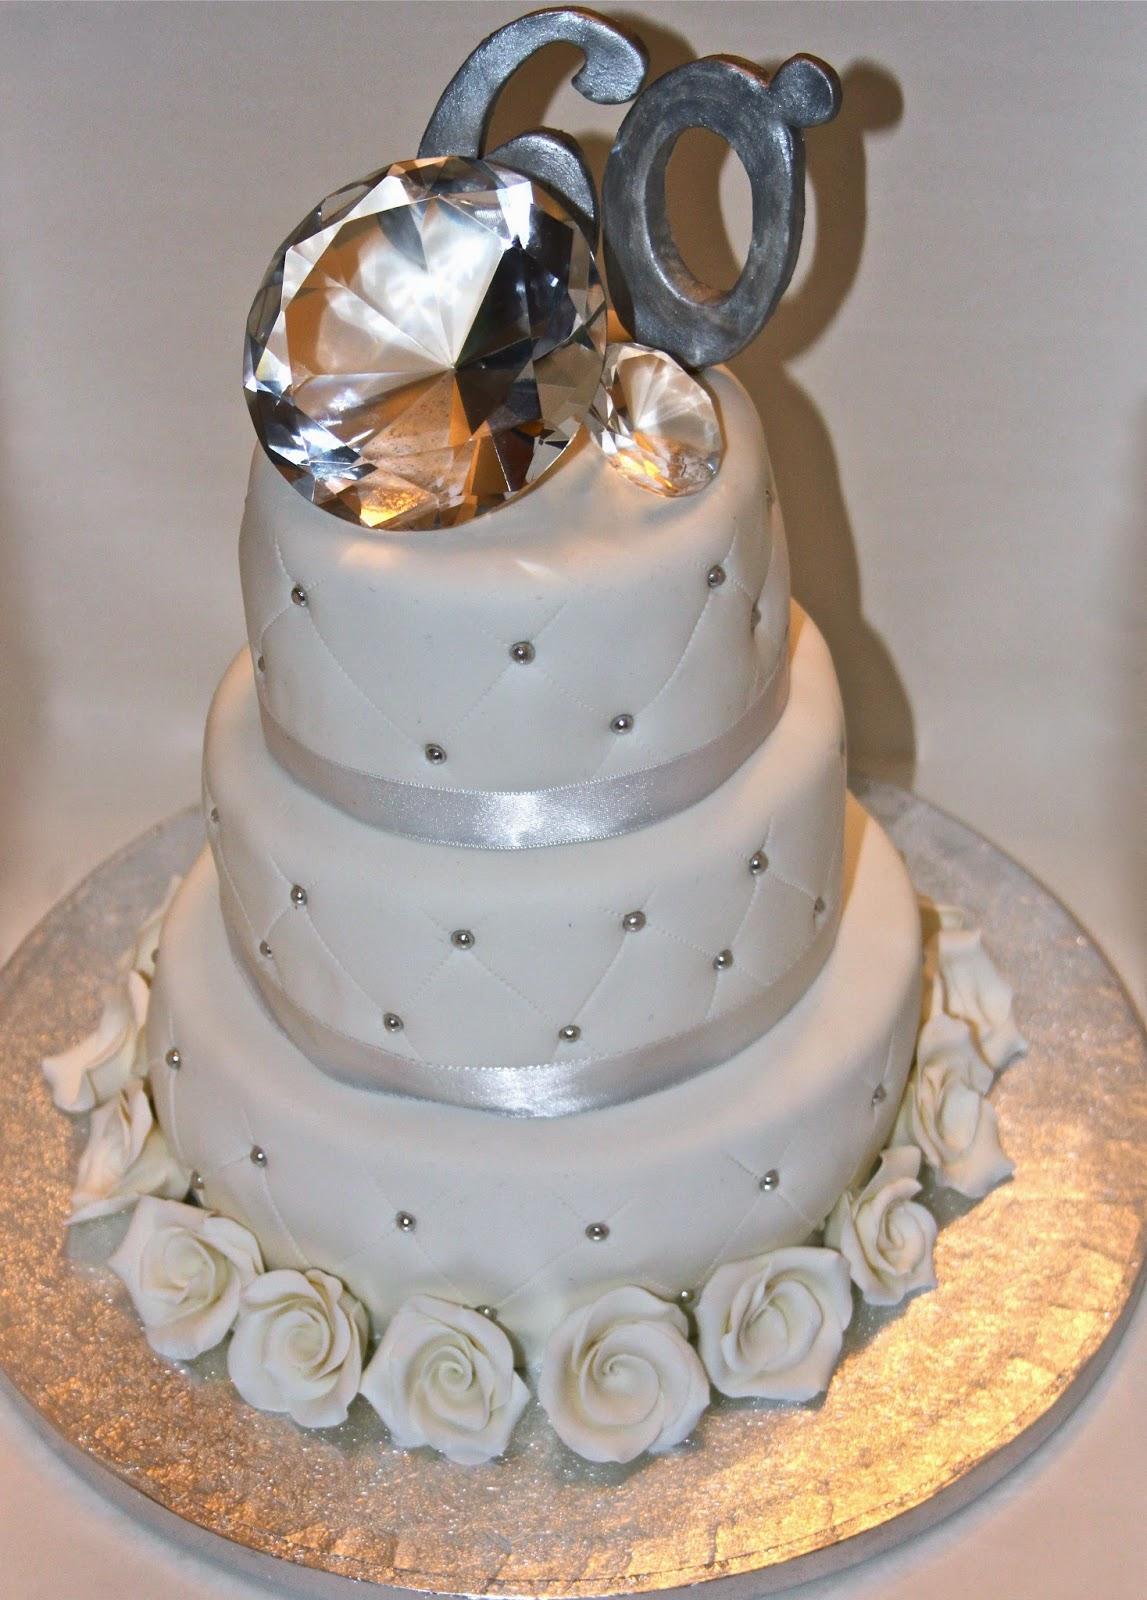 60 anni matrimonio nozze di ji02 regardsdefemmes for Decorazioni torte per 60 anni di matrimonio